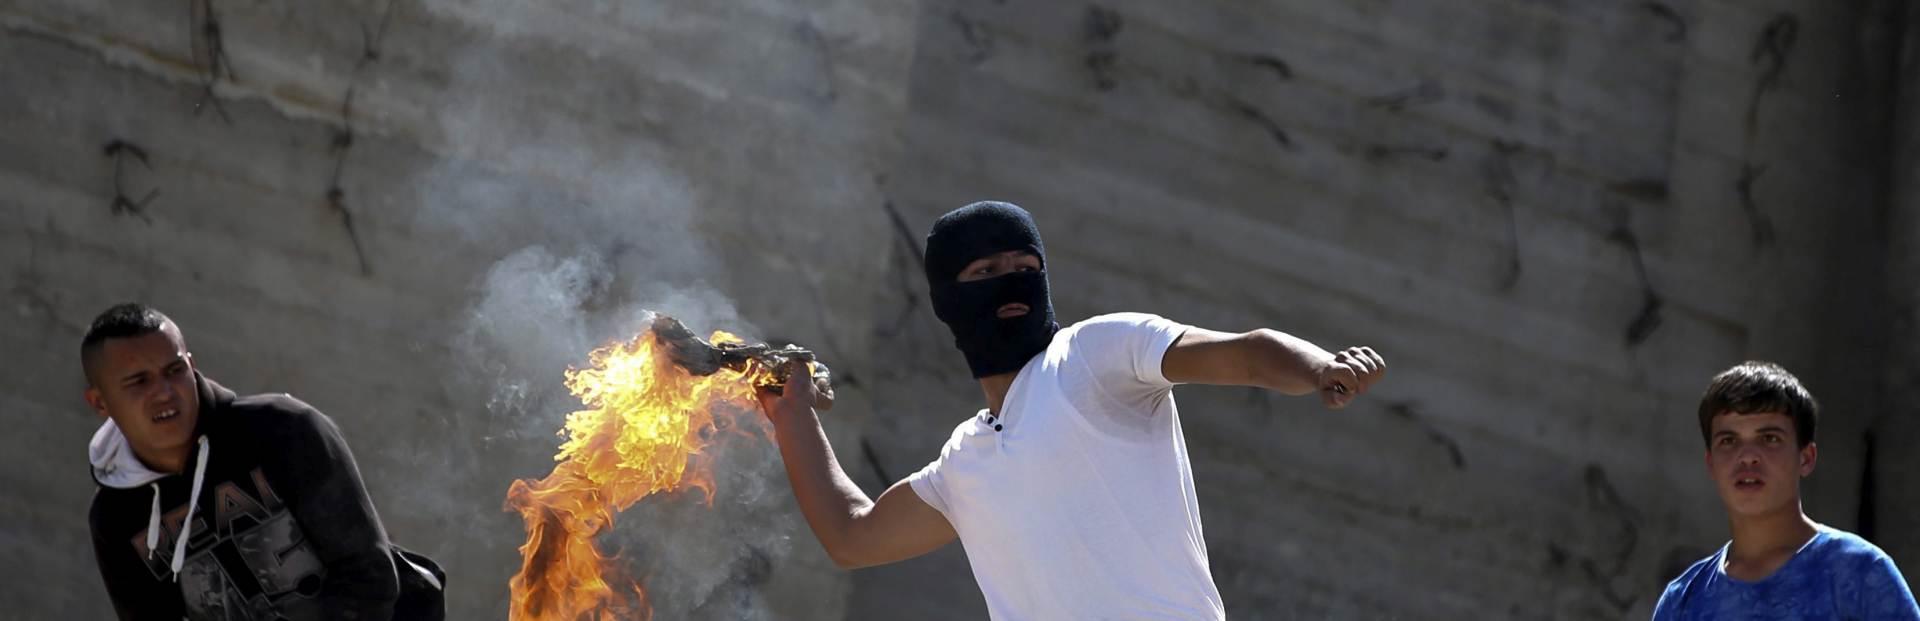 VJERSKE NAPETOSTI: U Jerulazlemu novi sukobi policije i muslimana kod Brda hrama